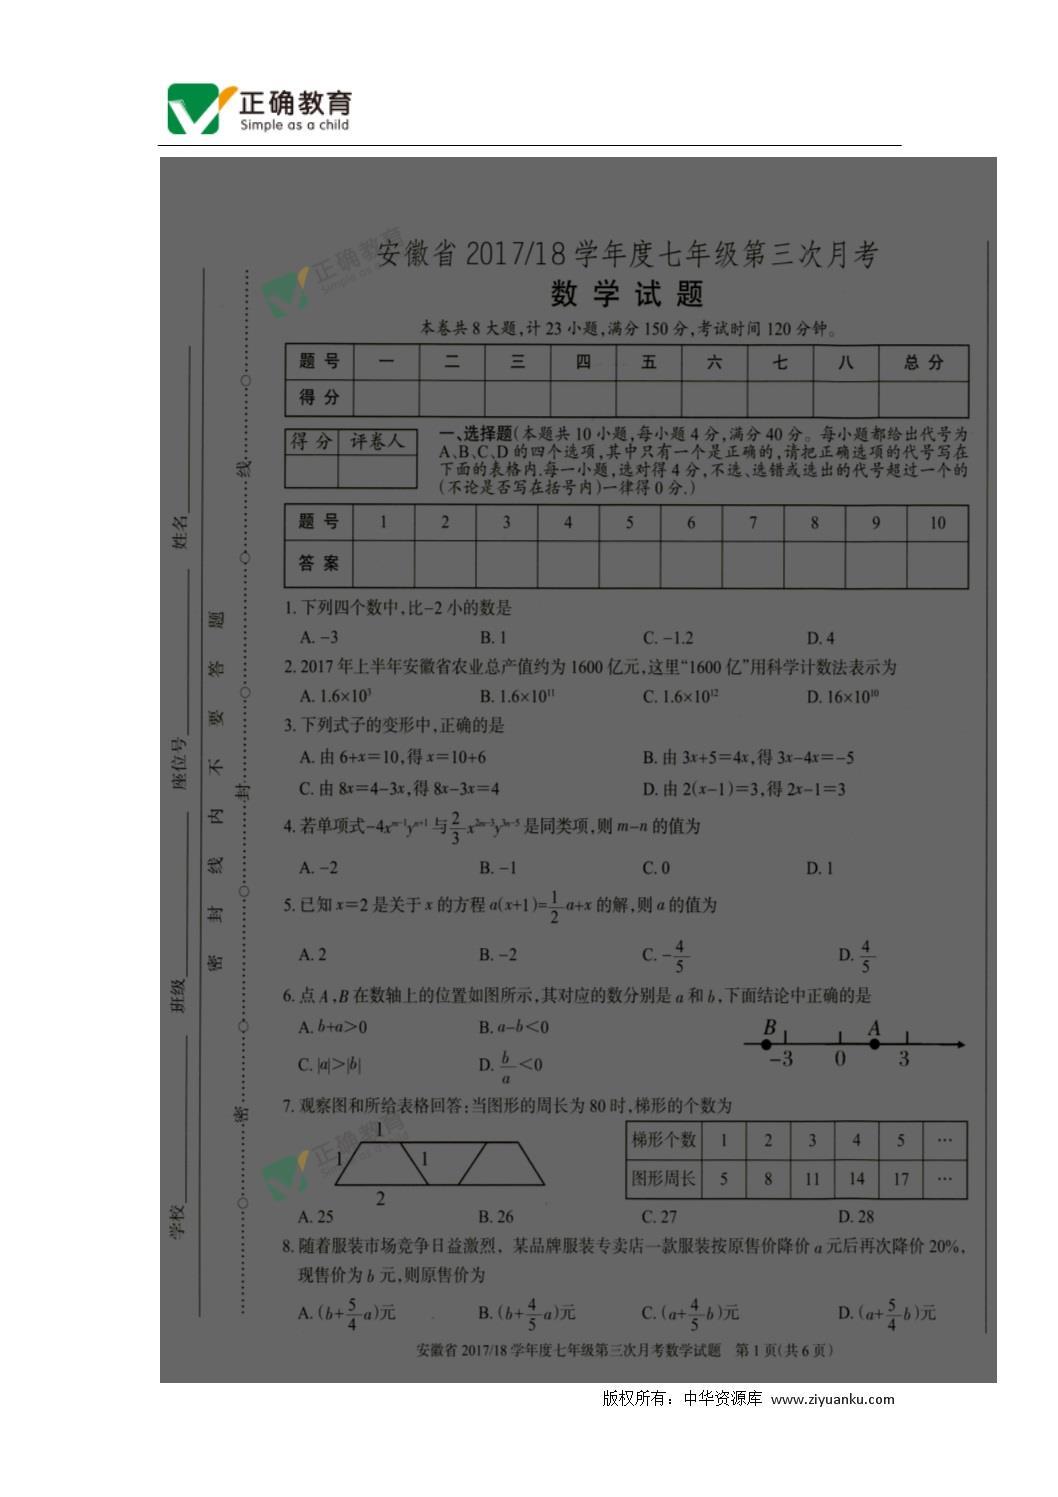 九年级数学月考卷子_安徽省2017-2018学年七年级上学期第三次月考数学试卷(扫描版 ...